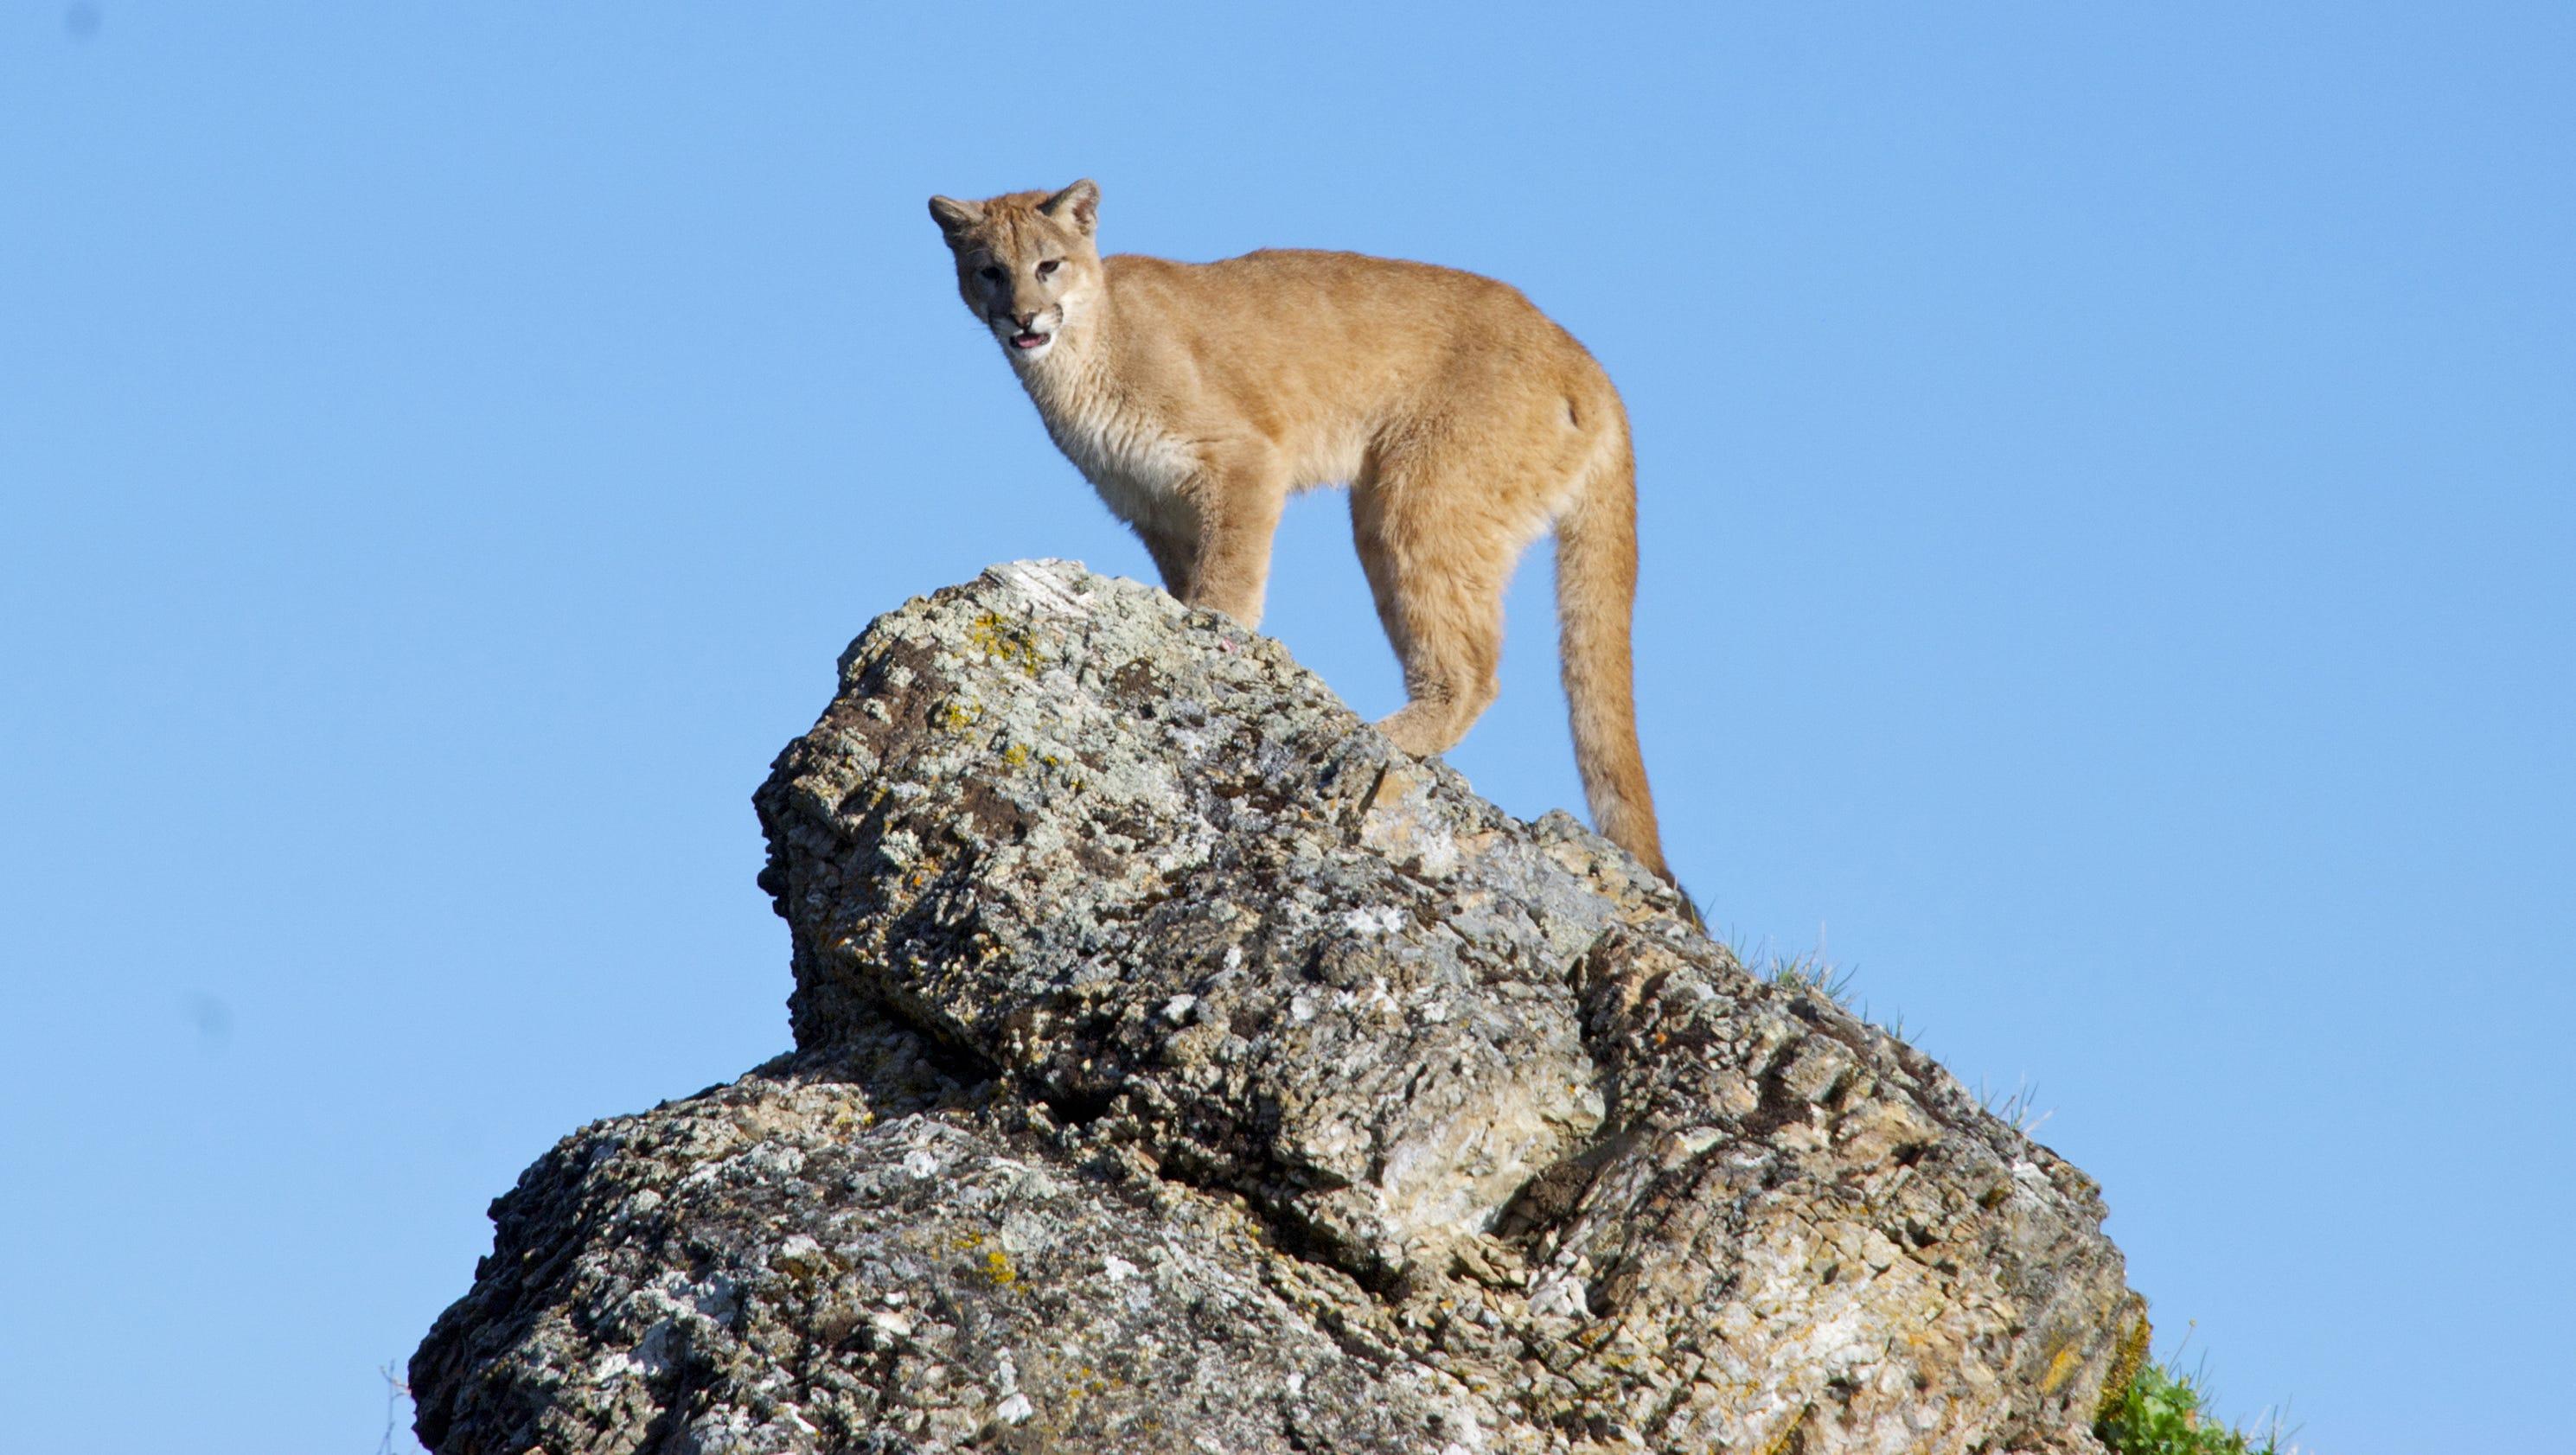 Cougar attacks 2 men mountain biking in Washington state